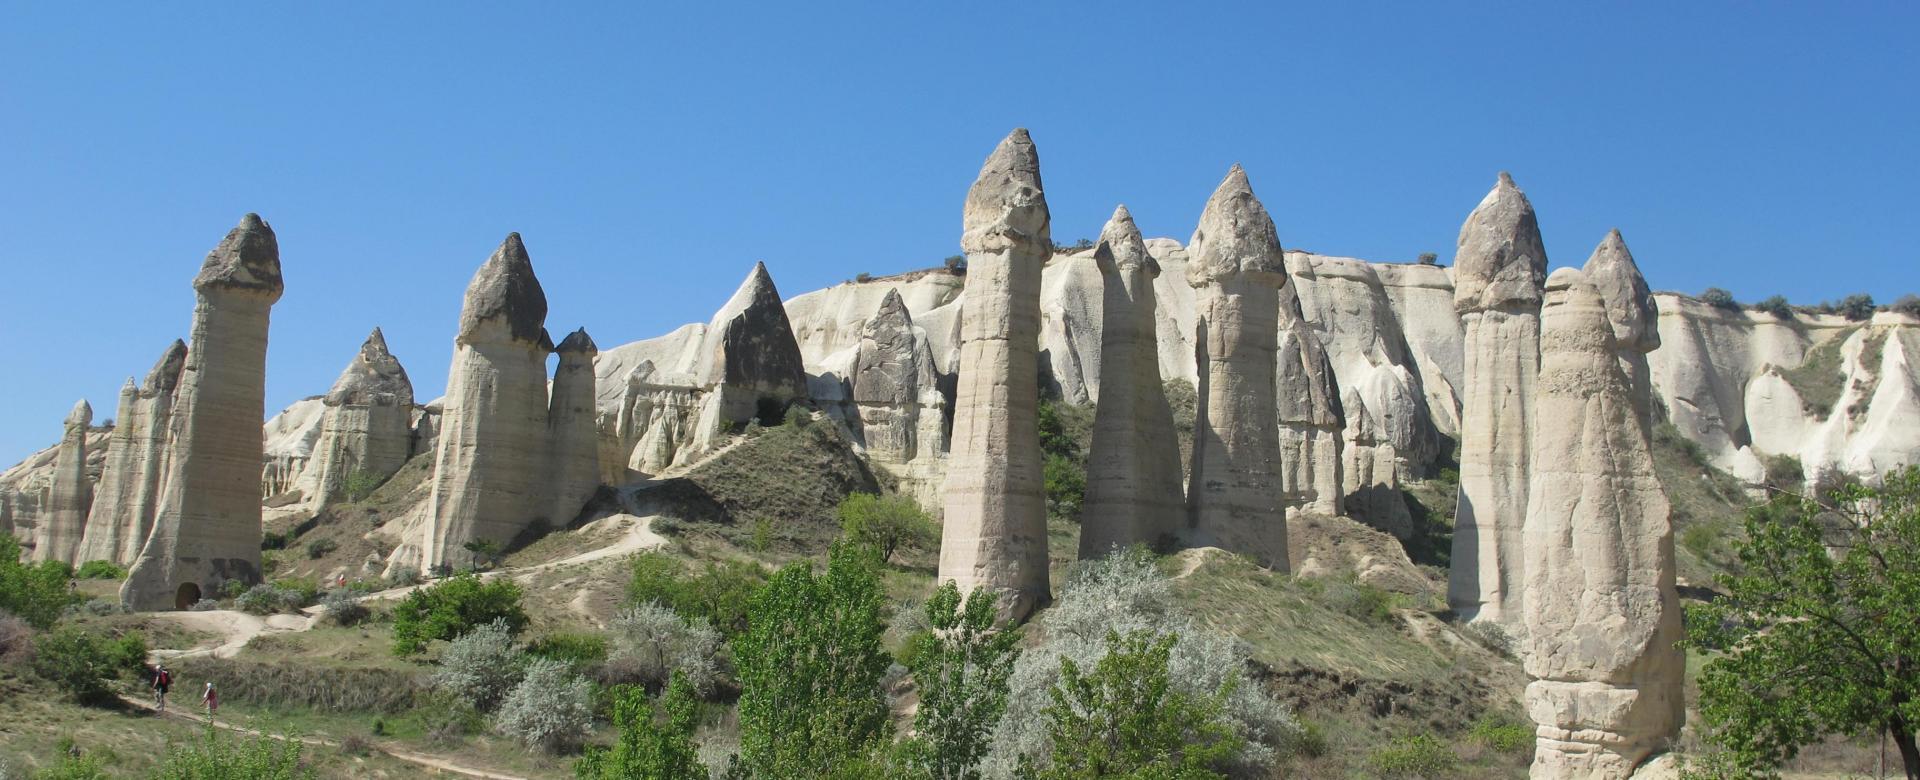 Voyage à pied Turquie : De la cappadoce à la méditerranée